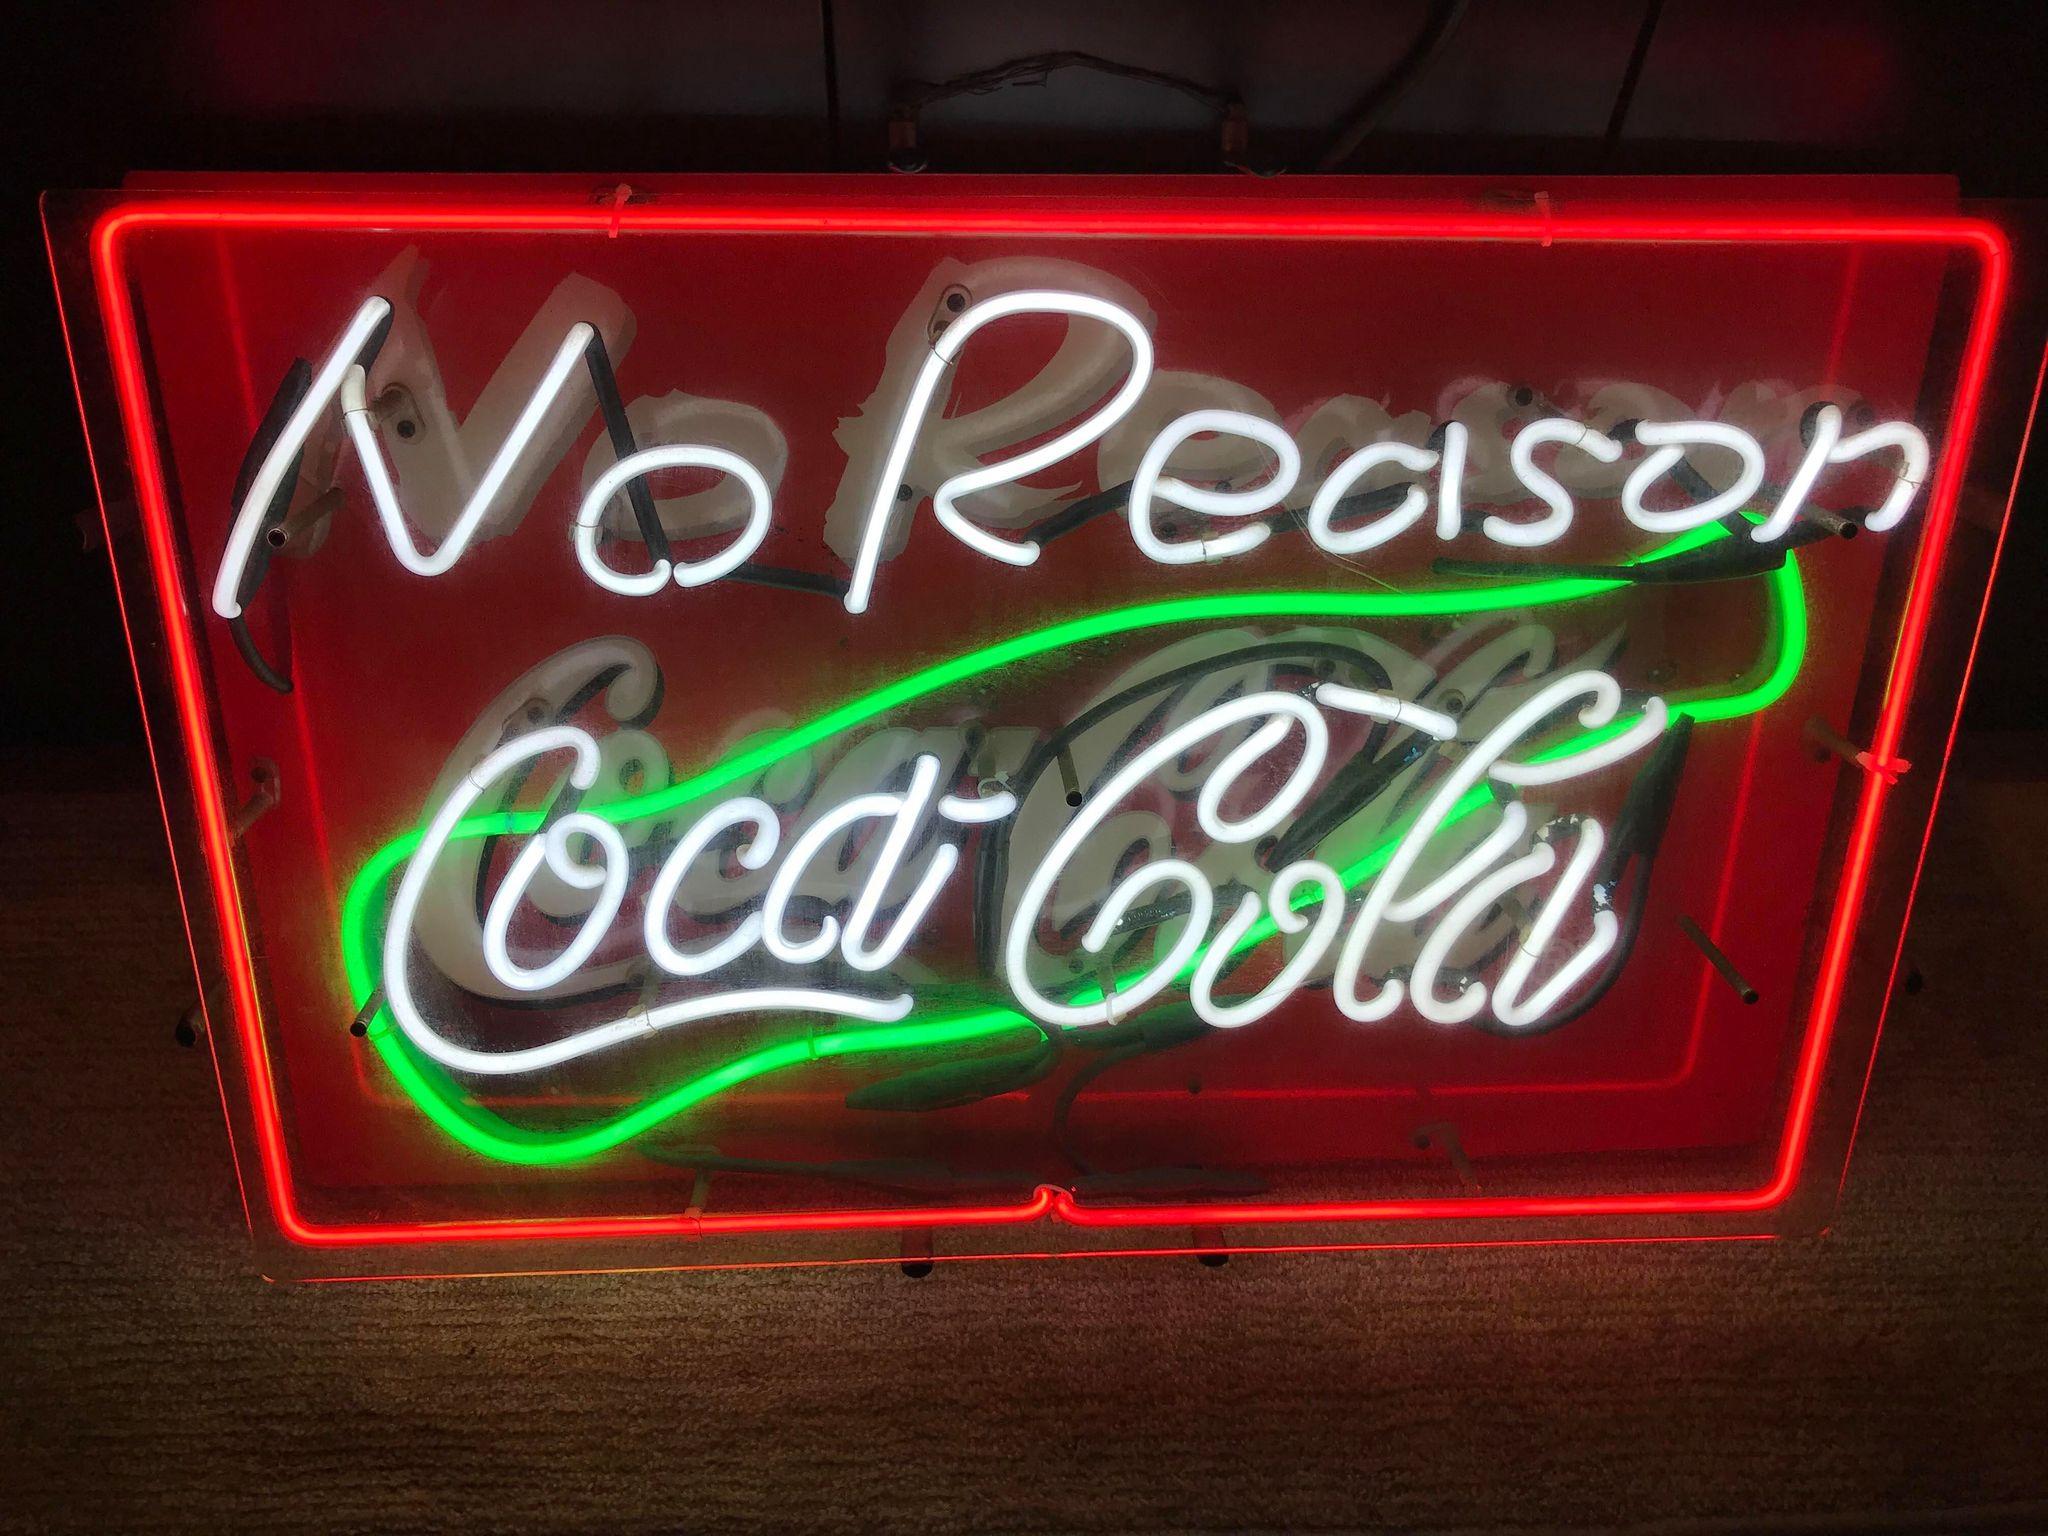 コカ・コーラ ネオン看板 No Reason  Coca Cola